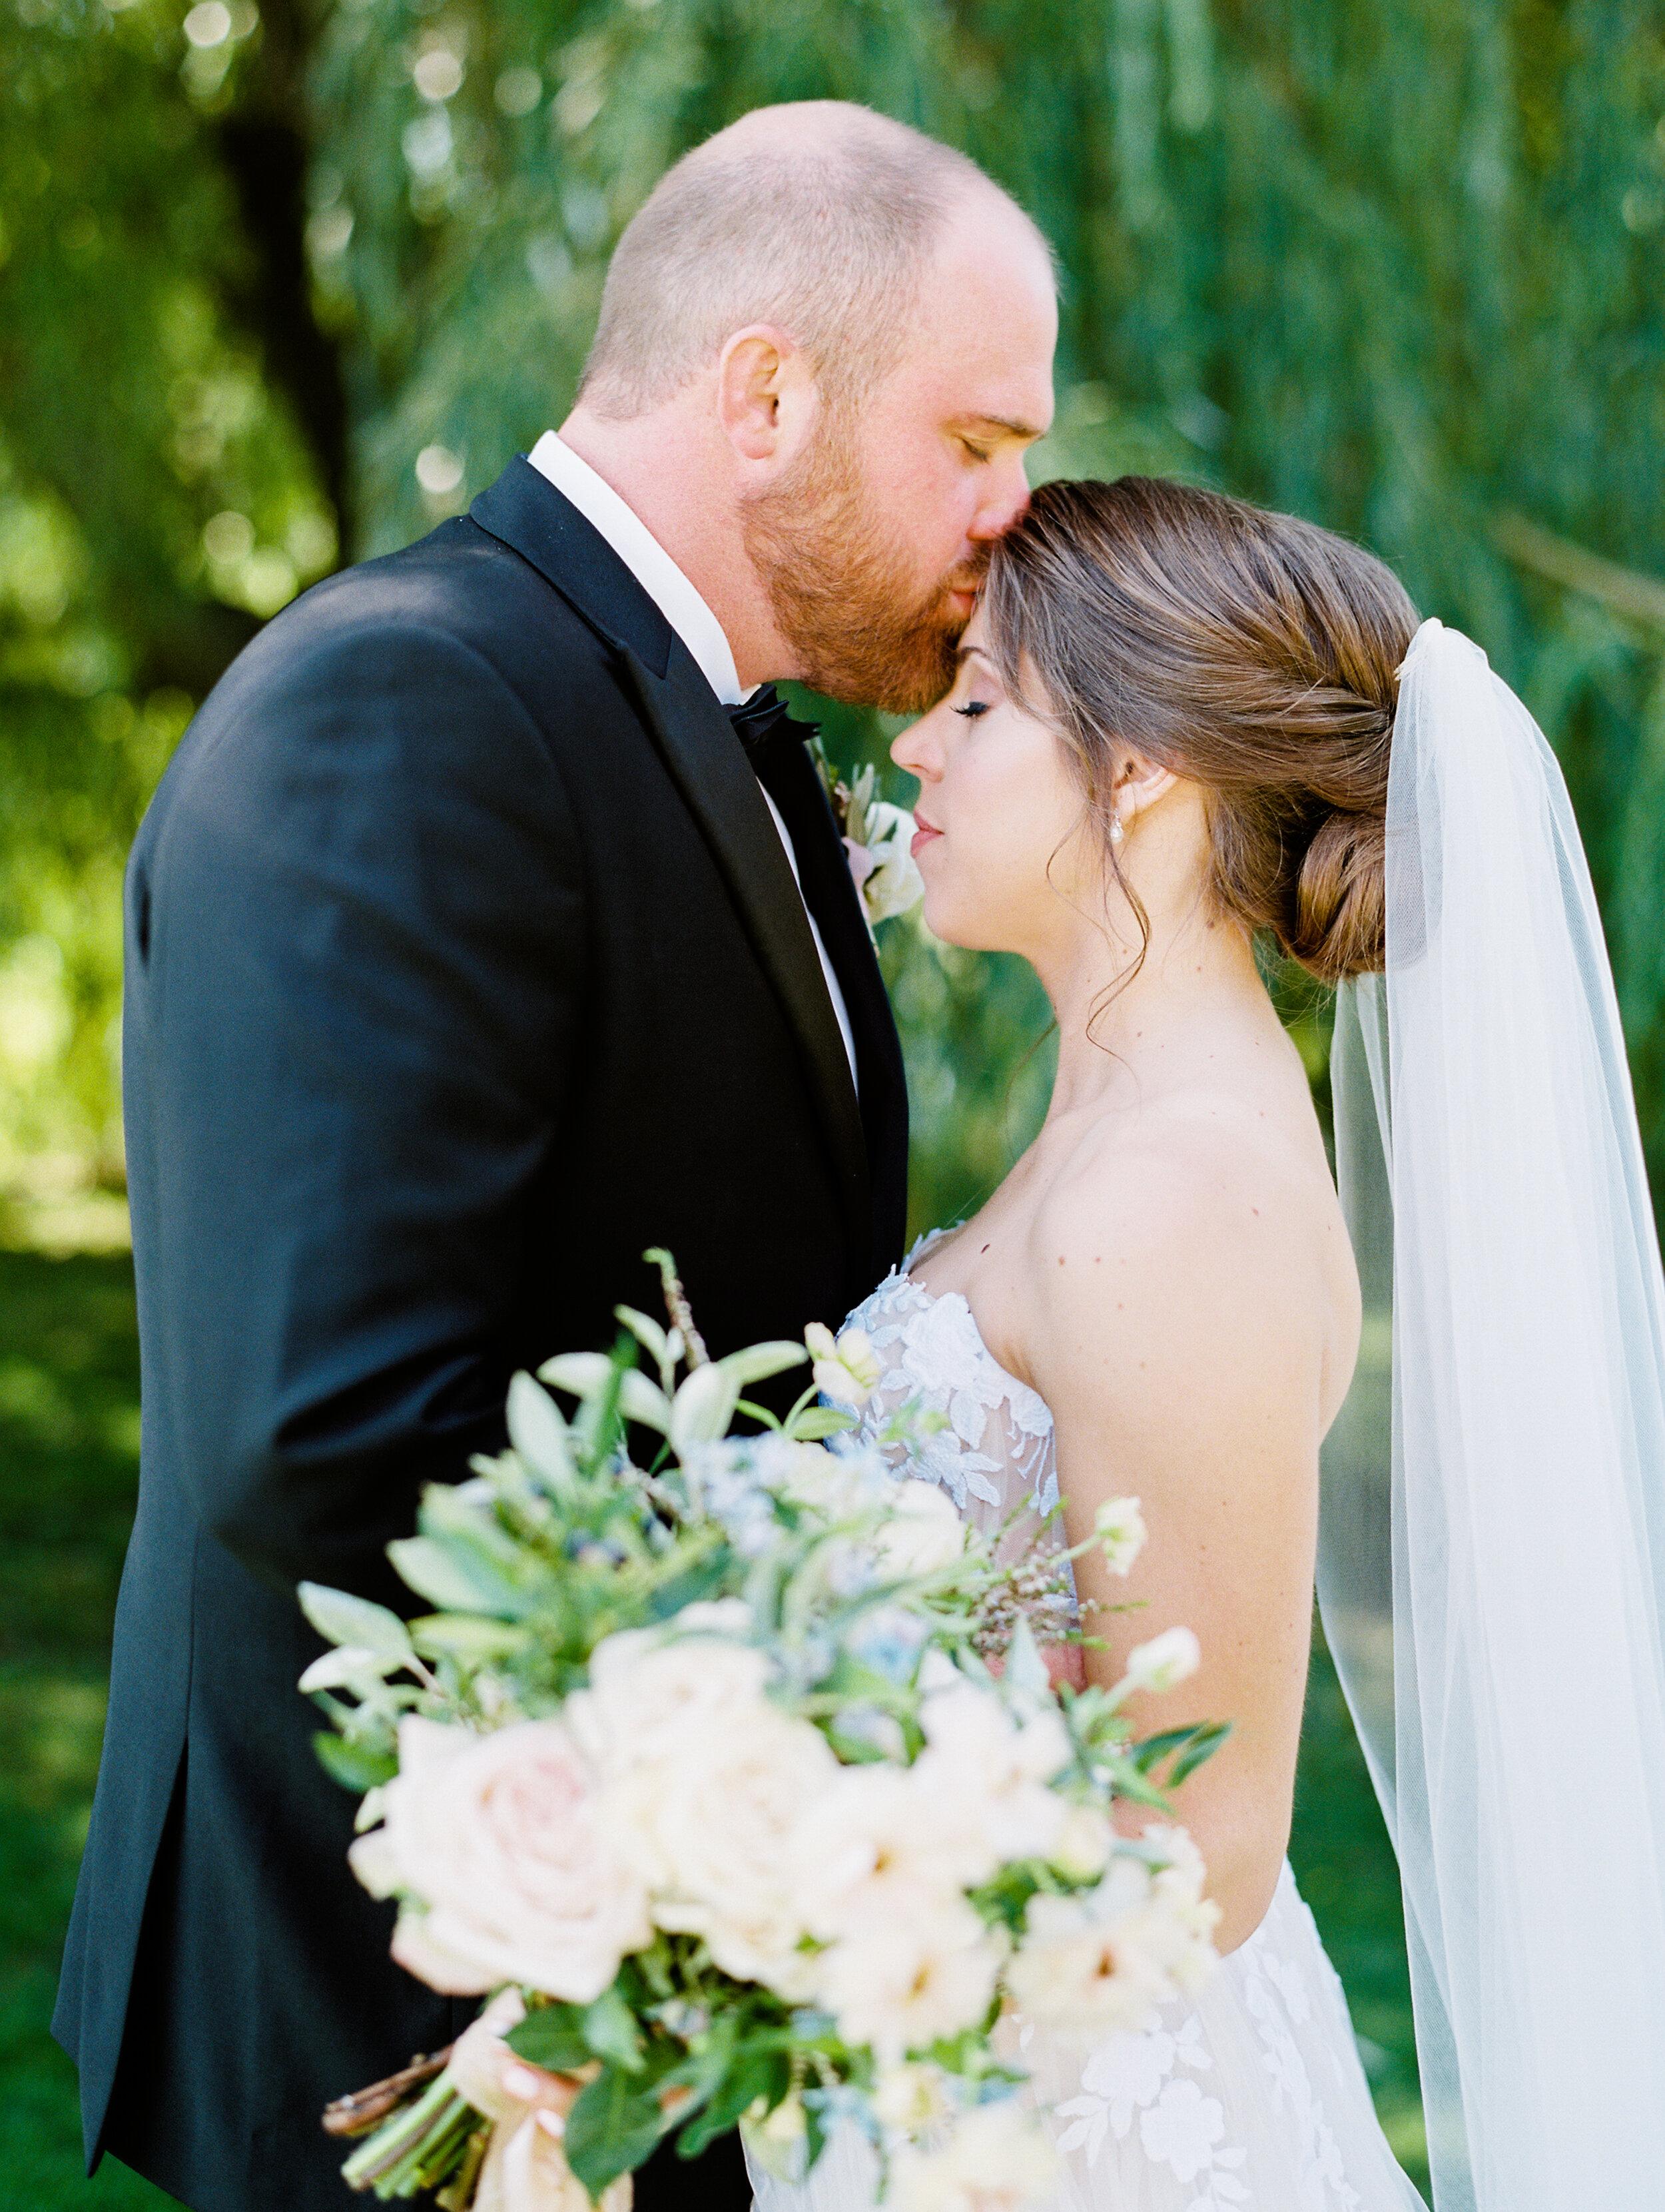 Steinlage+Wedding+First+Look-25.jpg